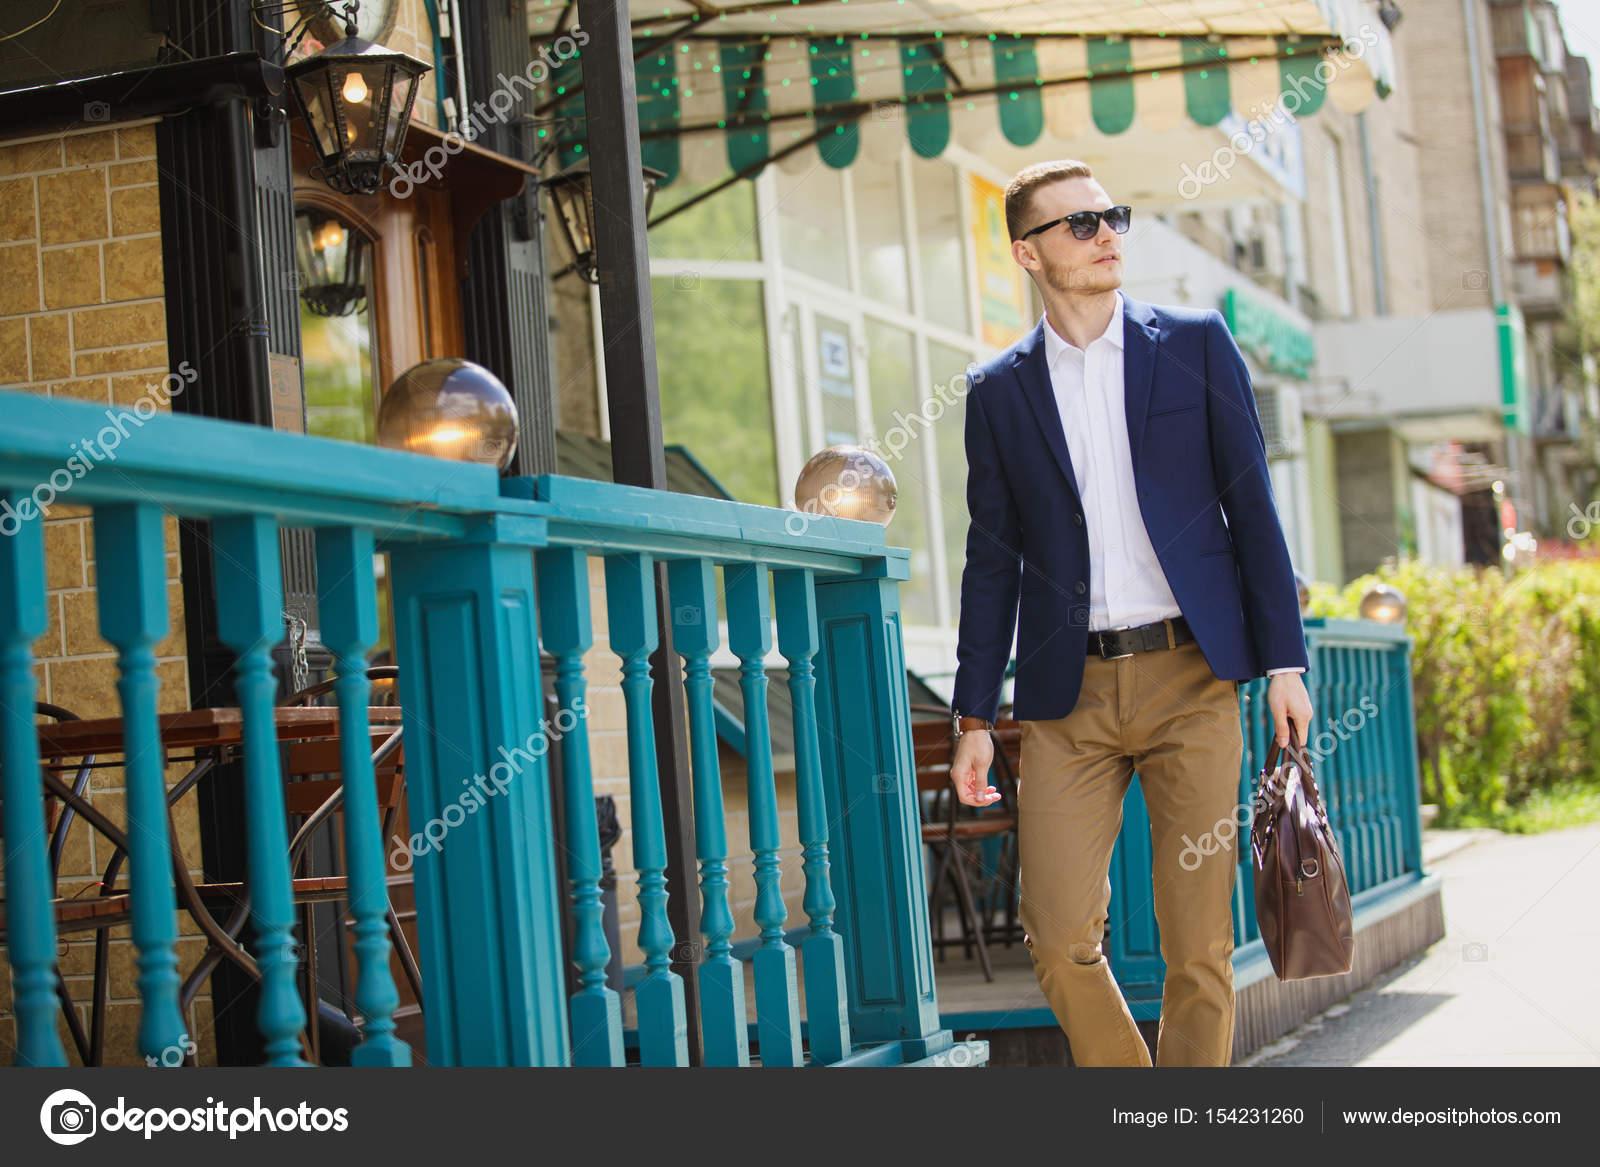 Επιχειρηματία στο κλασικό γιλέκο κατά σειρά ταιριάζει στο δρόμο. Ένας  νεαρός άνδρας κομψό σε ένα σακάκι. Διαφημιστική φωτογραφία– εικόνα αρχείου 9bc6c03be02